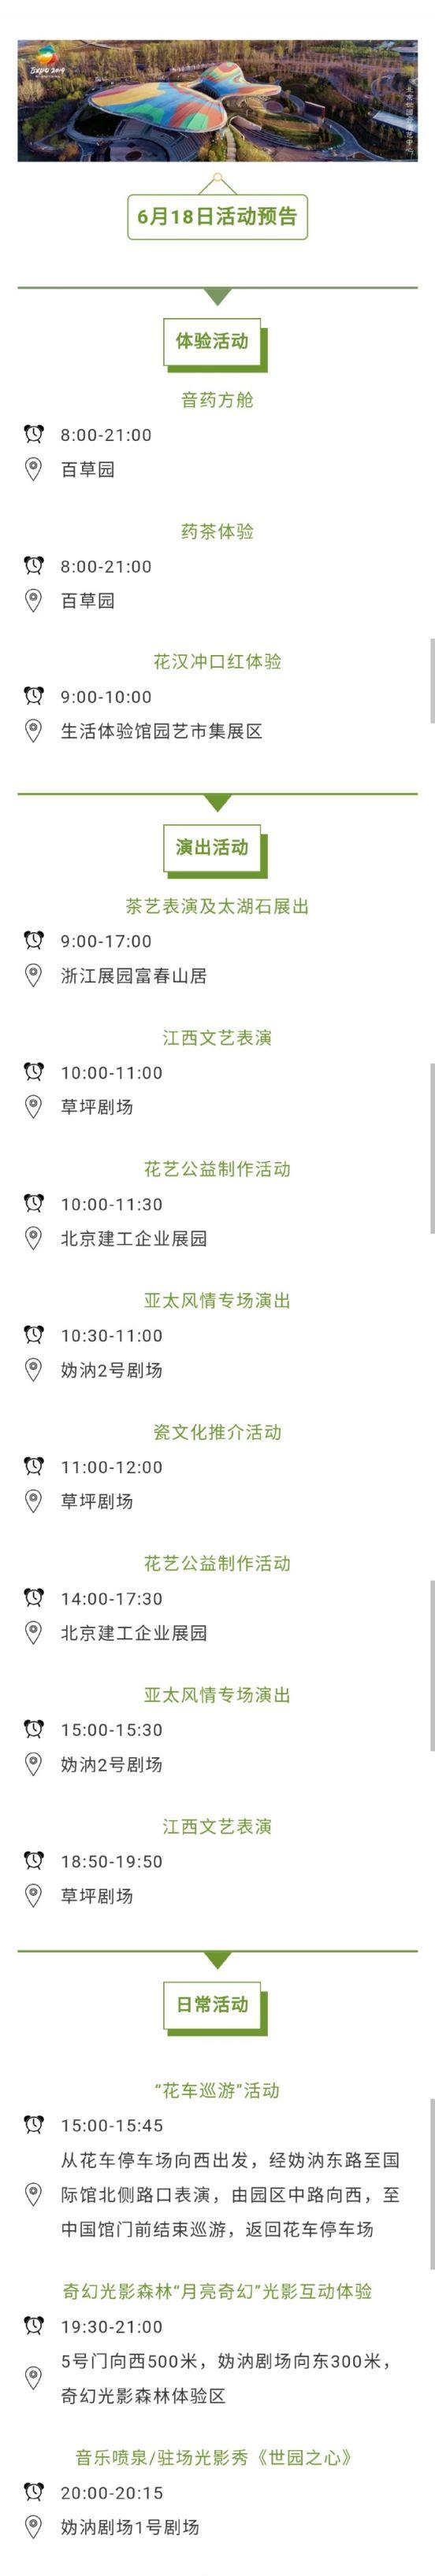 6月18日北京世园会园区内活动预告